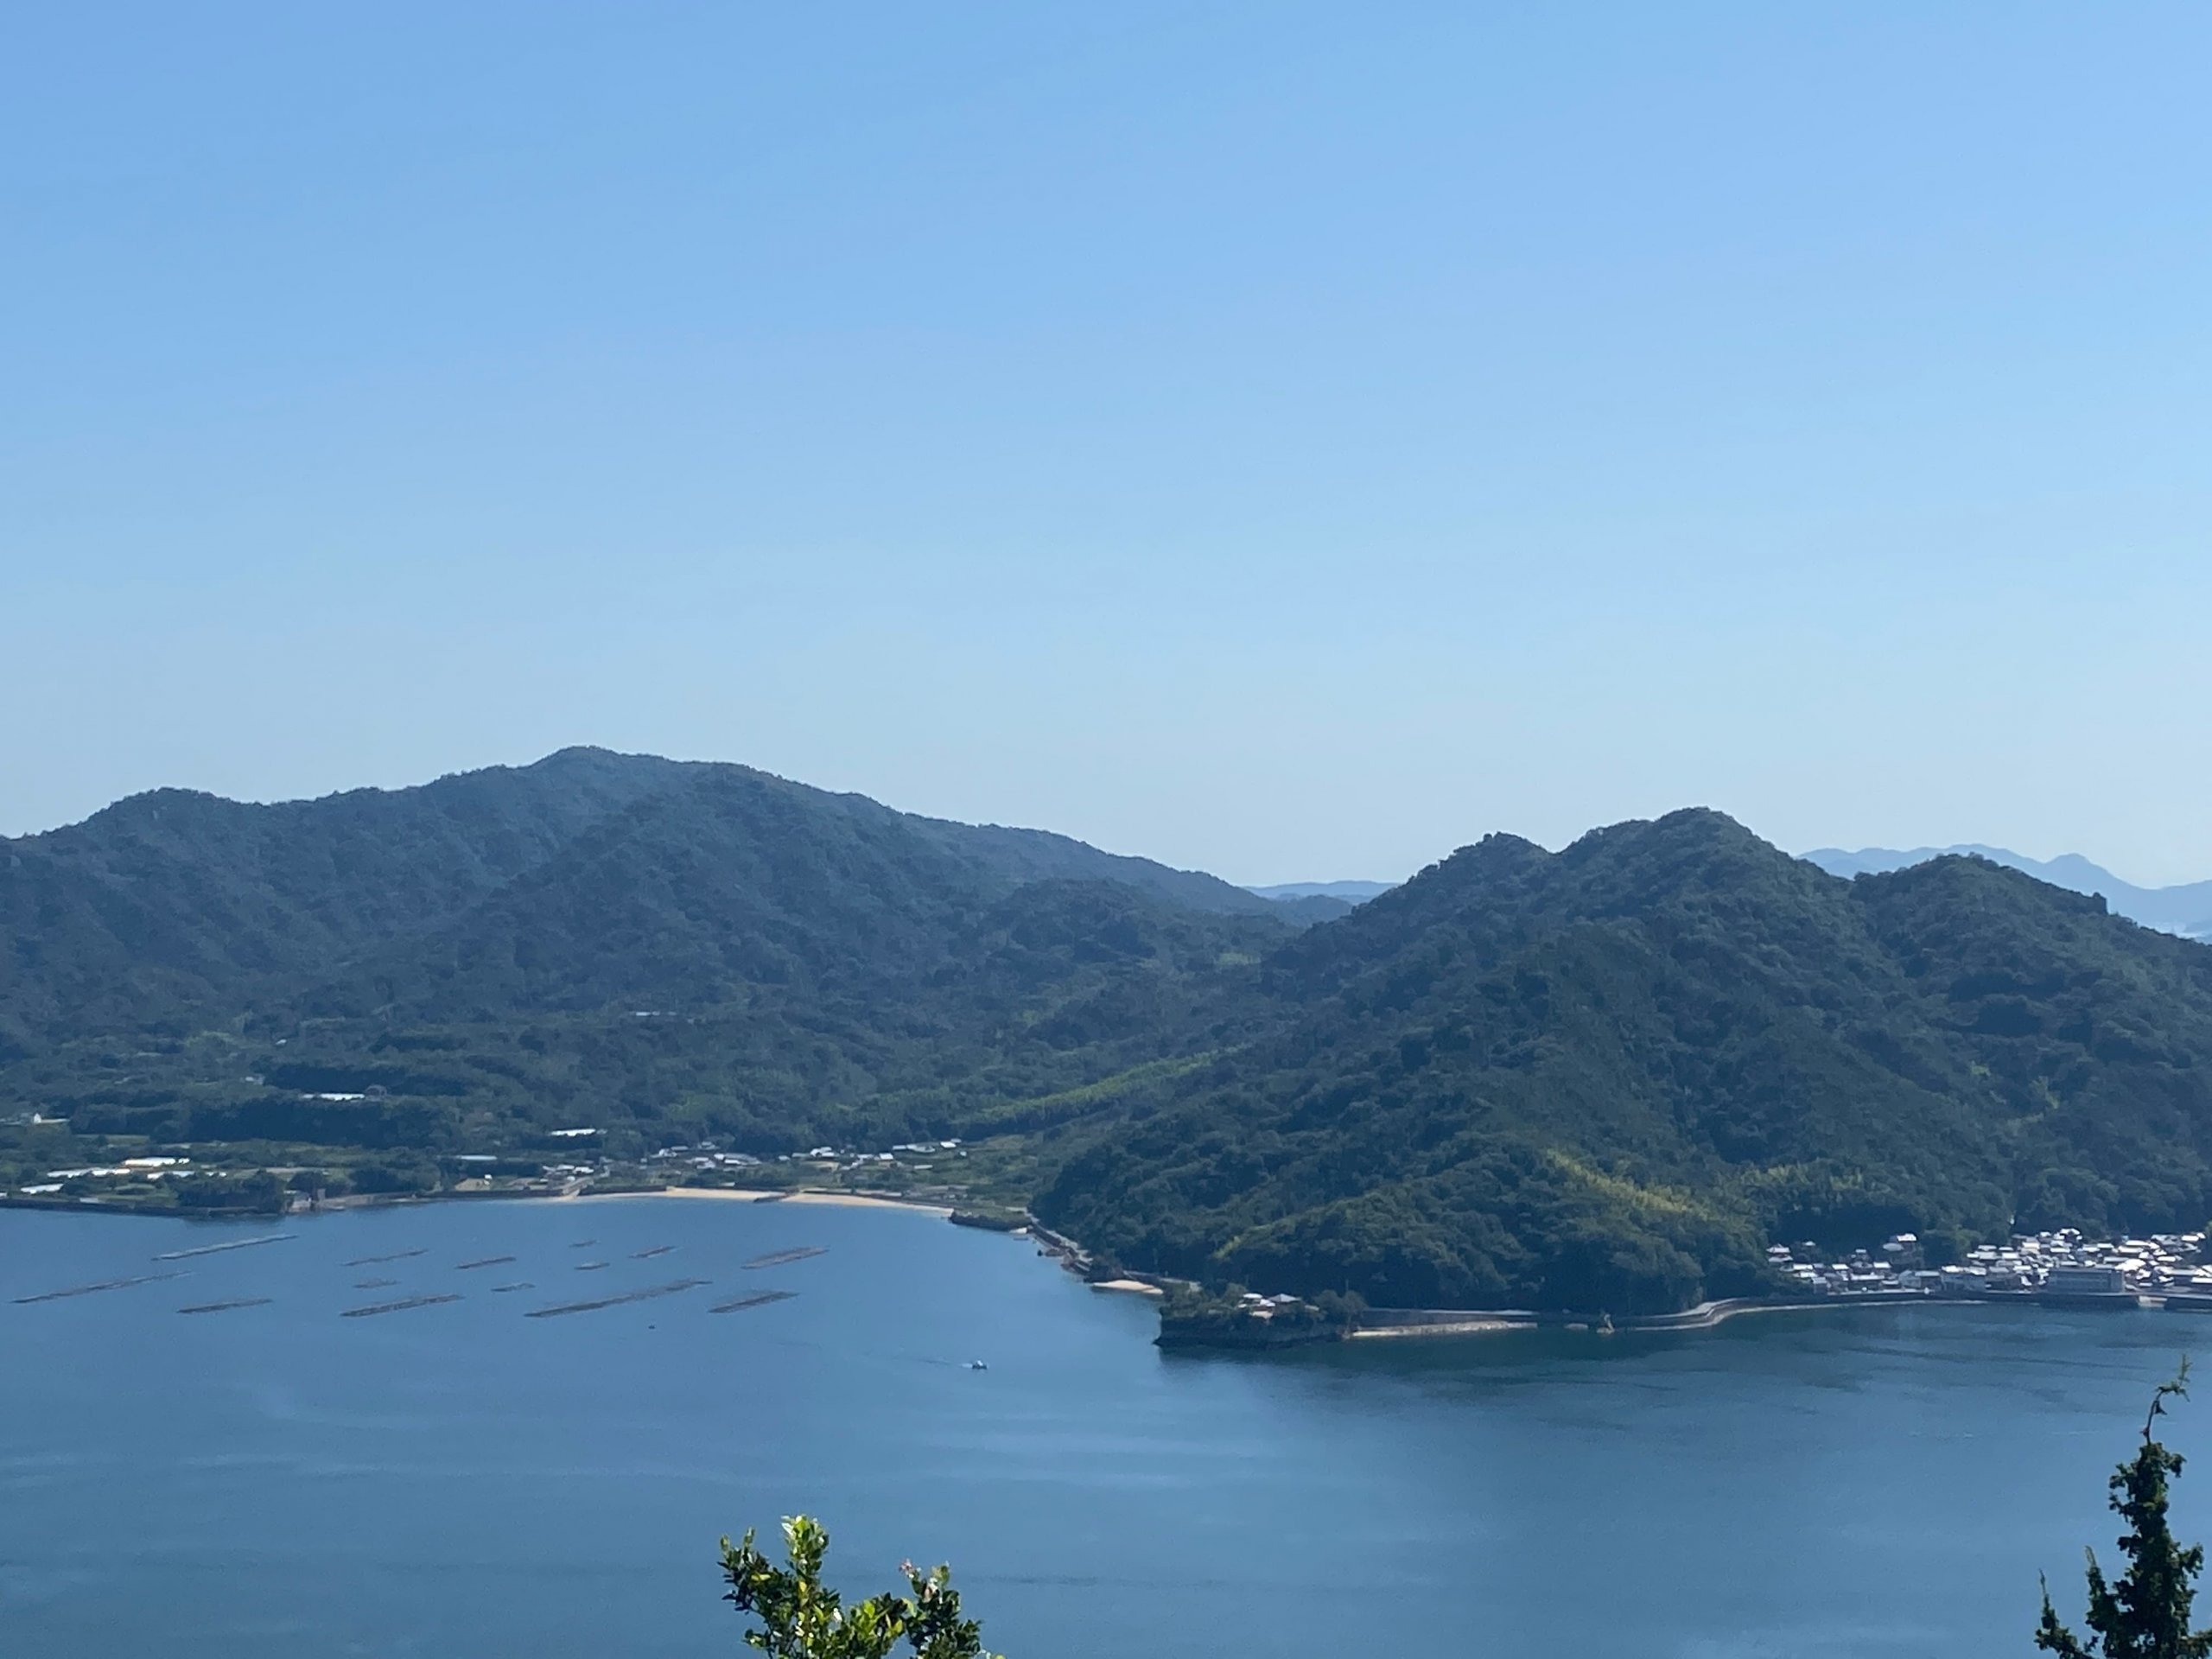 下高山頂上から大須瀬戸越しに江田島を望む。左のピークが古鷹山